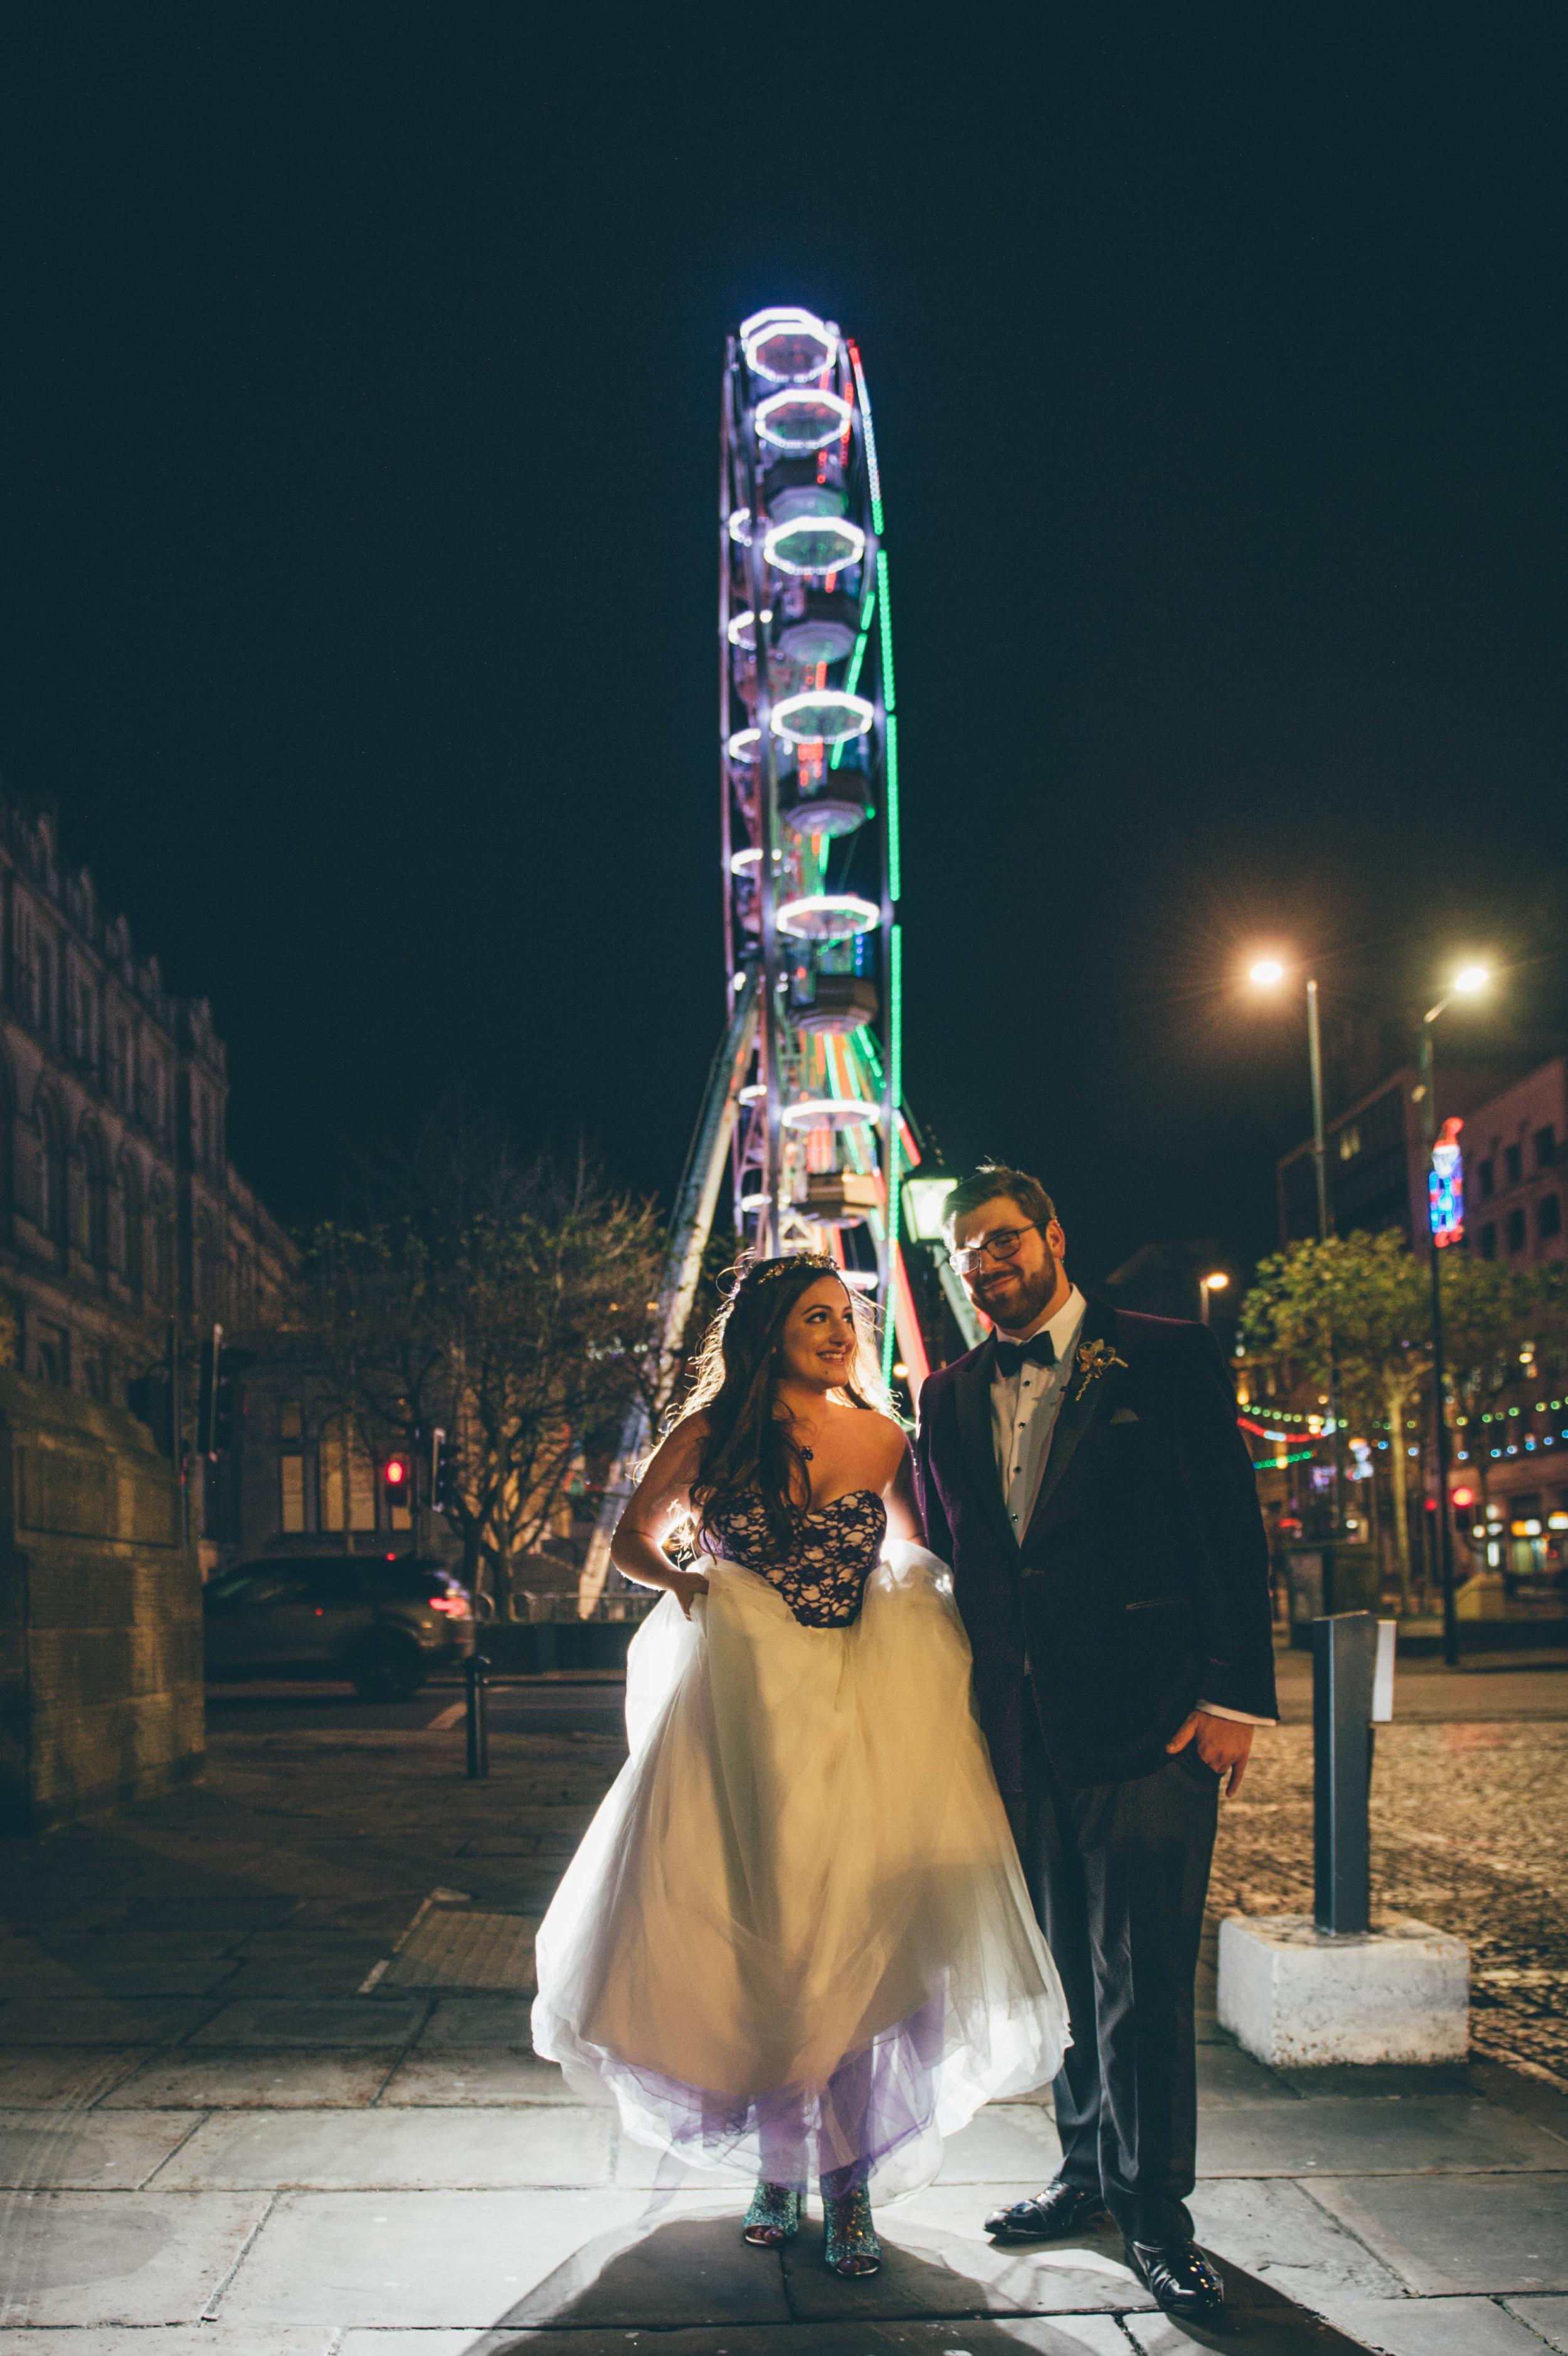 M&M - Wedding teaser by - Asaf Kliger (54 of 111).jpg